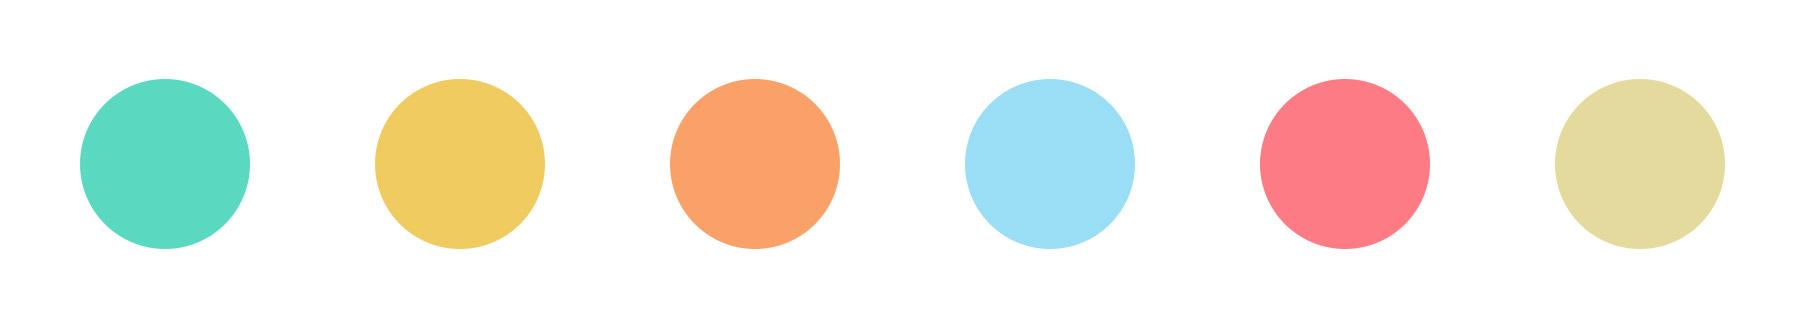 Color palette for Kiwoko